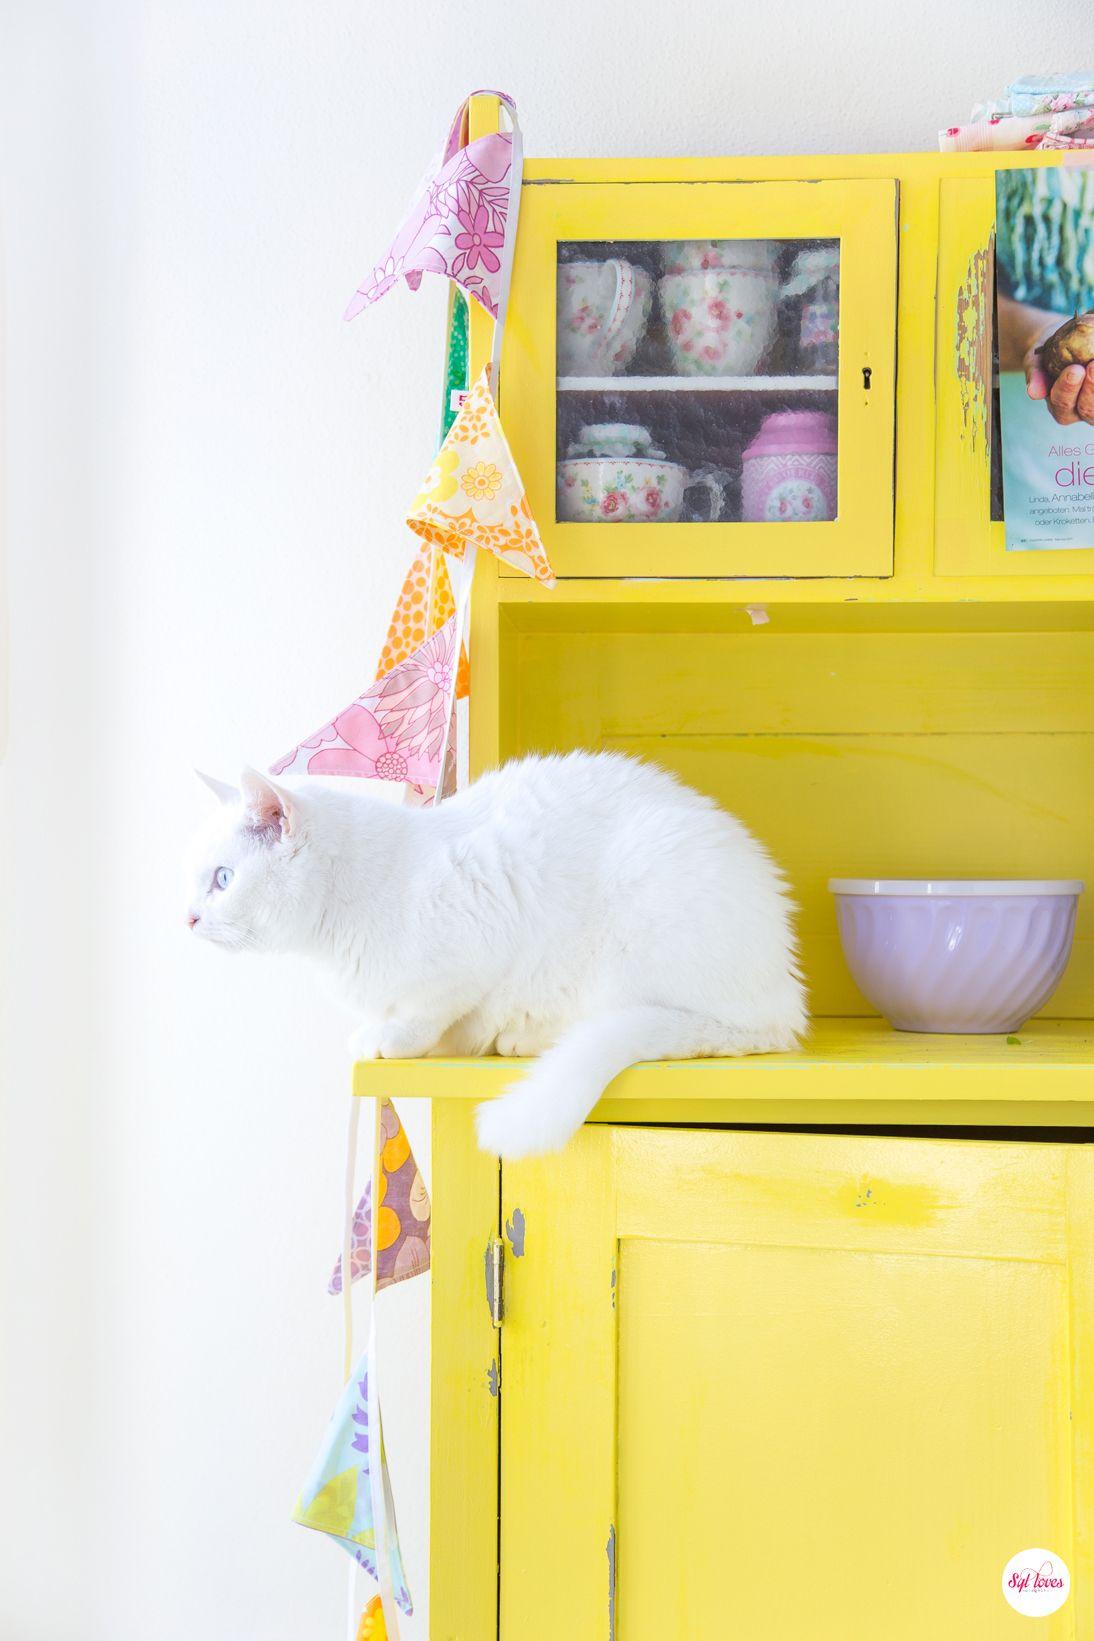 Geliebtes Zu Hause mr blue chillin greengate rice geliebtes zuhause hello yellow